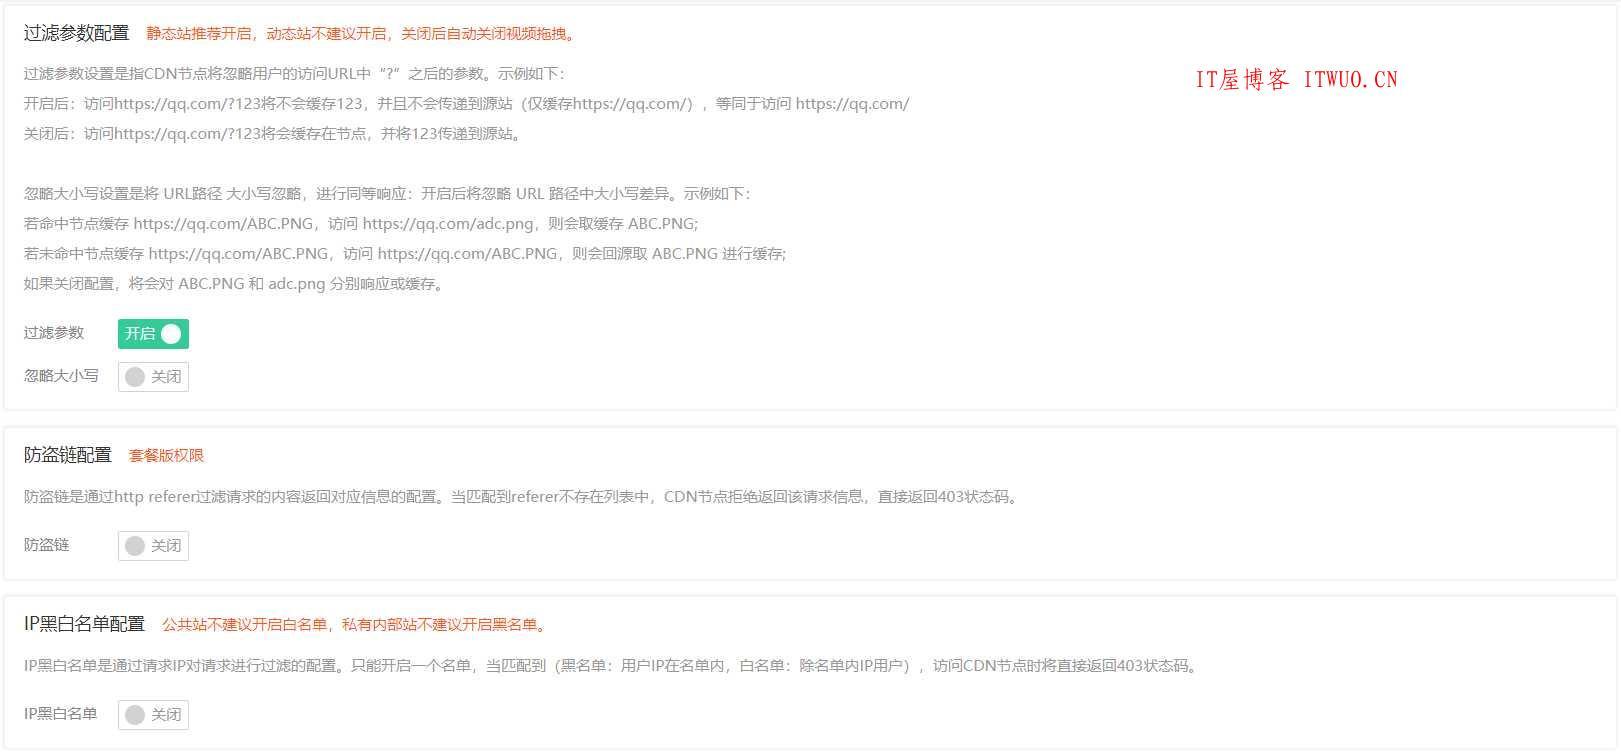 近期,腾讯云CDN团队发现部分域名出现非正常的业务访问,造成了较大的流量和带宽消耗,同时产生了远超平时的高额账单。建议您关注此类情况的 应对措施,避免潜在风险。 防盗链配置 分布式 DDoS 清洗 CC 自适应识别 智能 WAF 防护 BOT 行为分析 IP 黑白名单配置 访问限频配置 带宽封顶配置 CDN 带宽 VIP 第11张